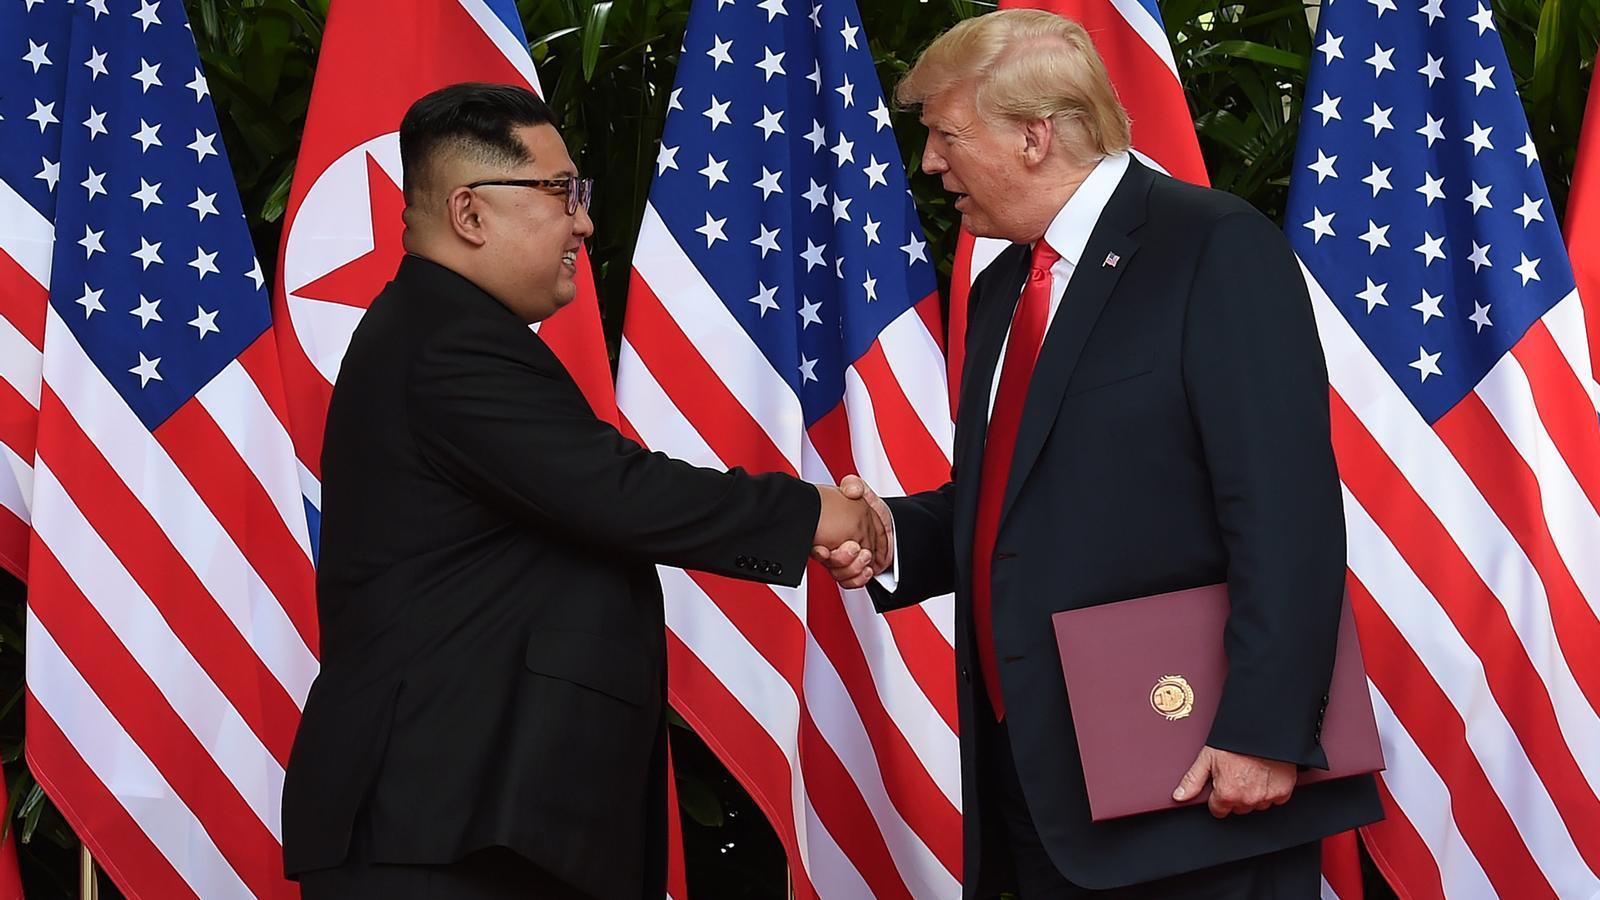 Trump anuncia uns acords amb Kim Jong-un que no estan per escrit